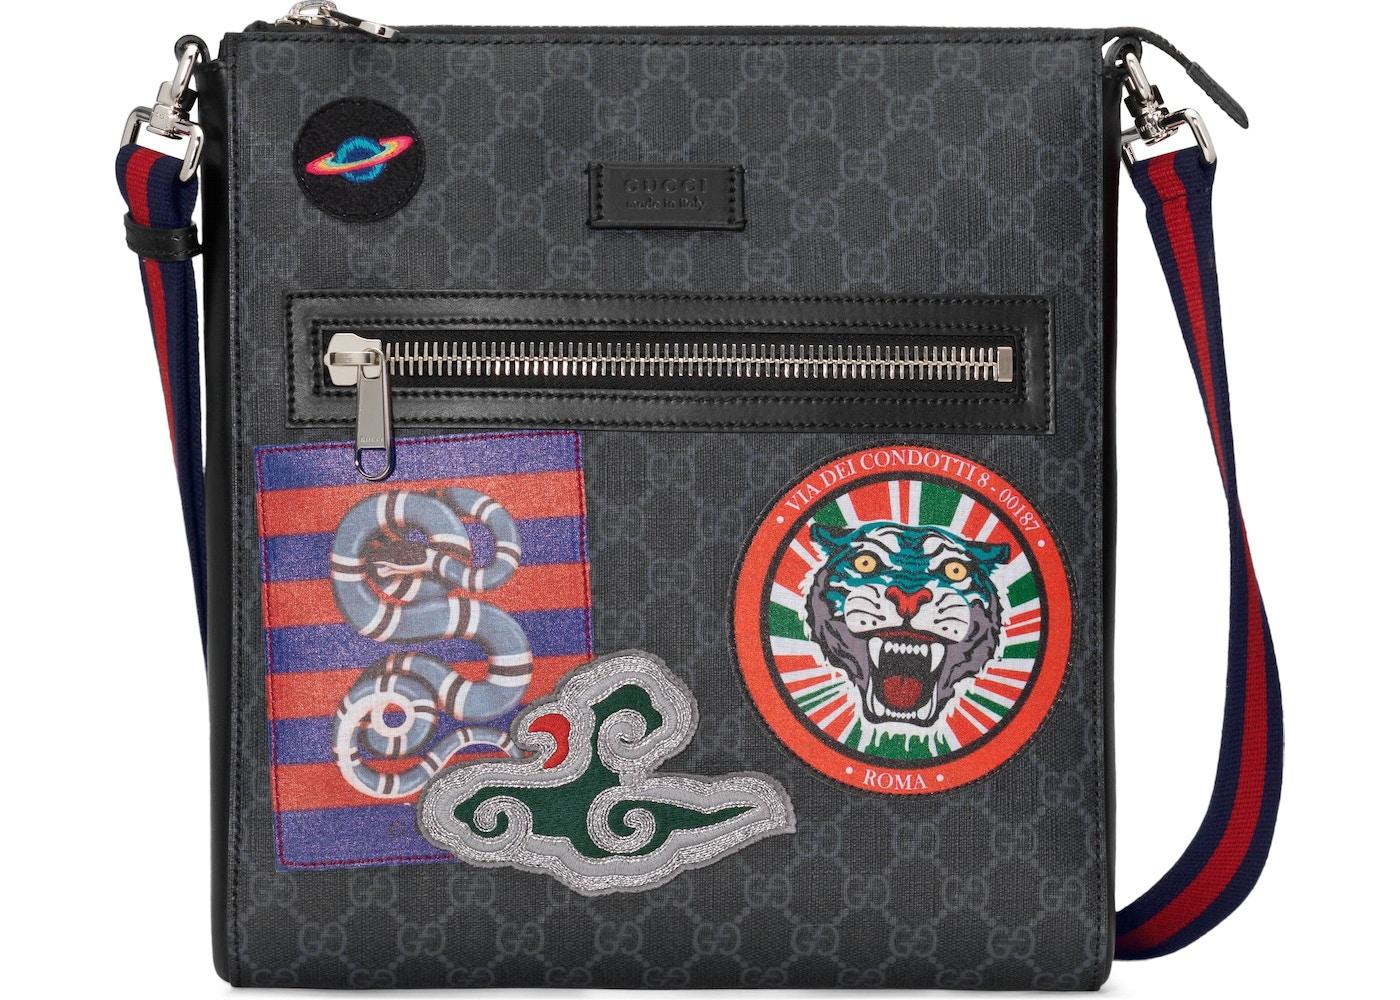 e5b92594f Gucci Night Courier Messenger GG Supreme Black. GG Supreme Black